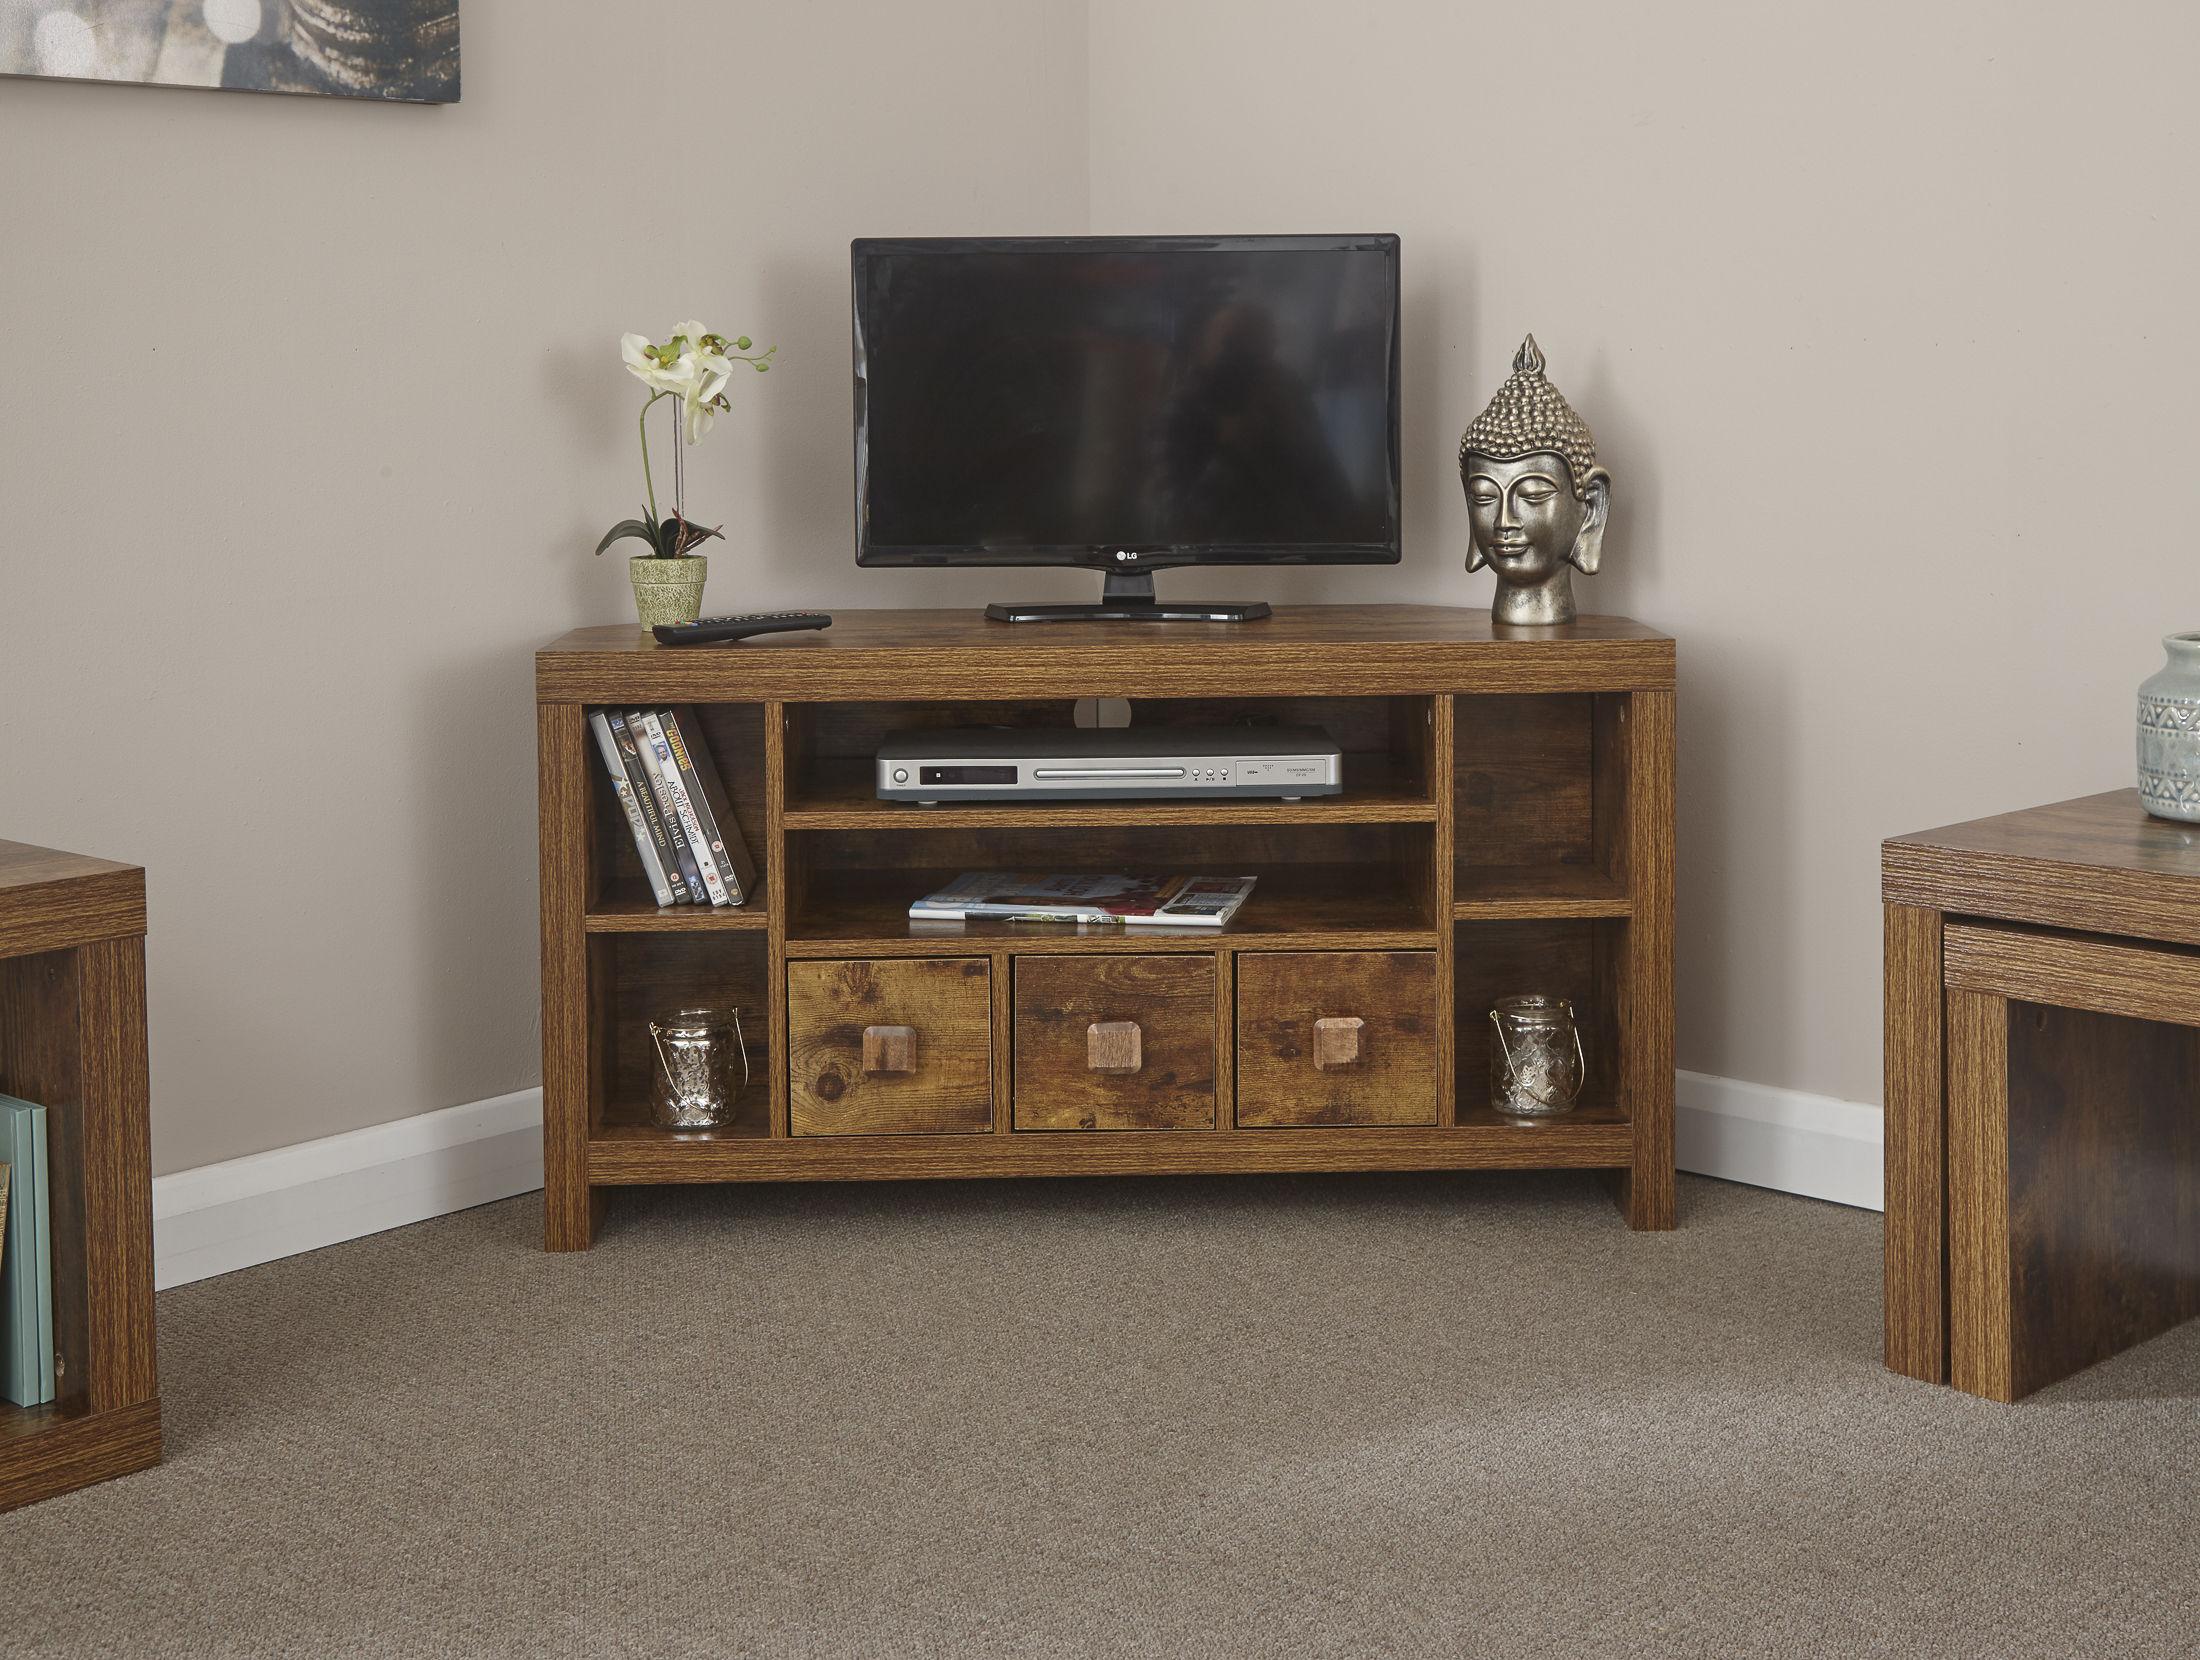 Jakarta mango wood living room furniture corner tv unit table uk free delivery ebay for Corner units living room furniture